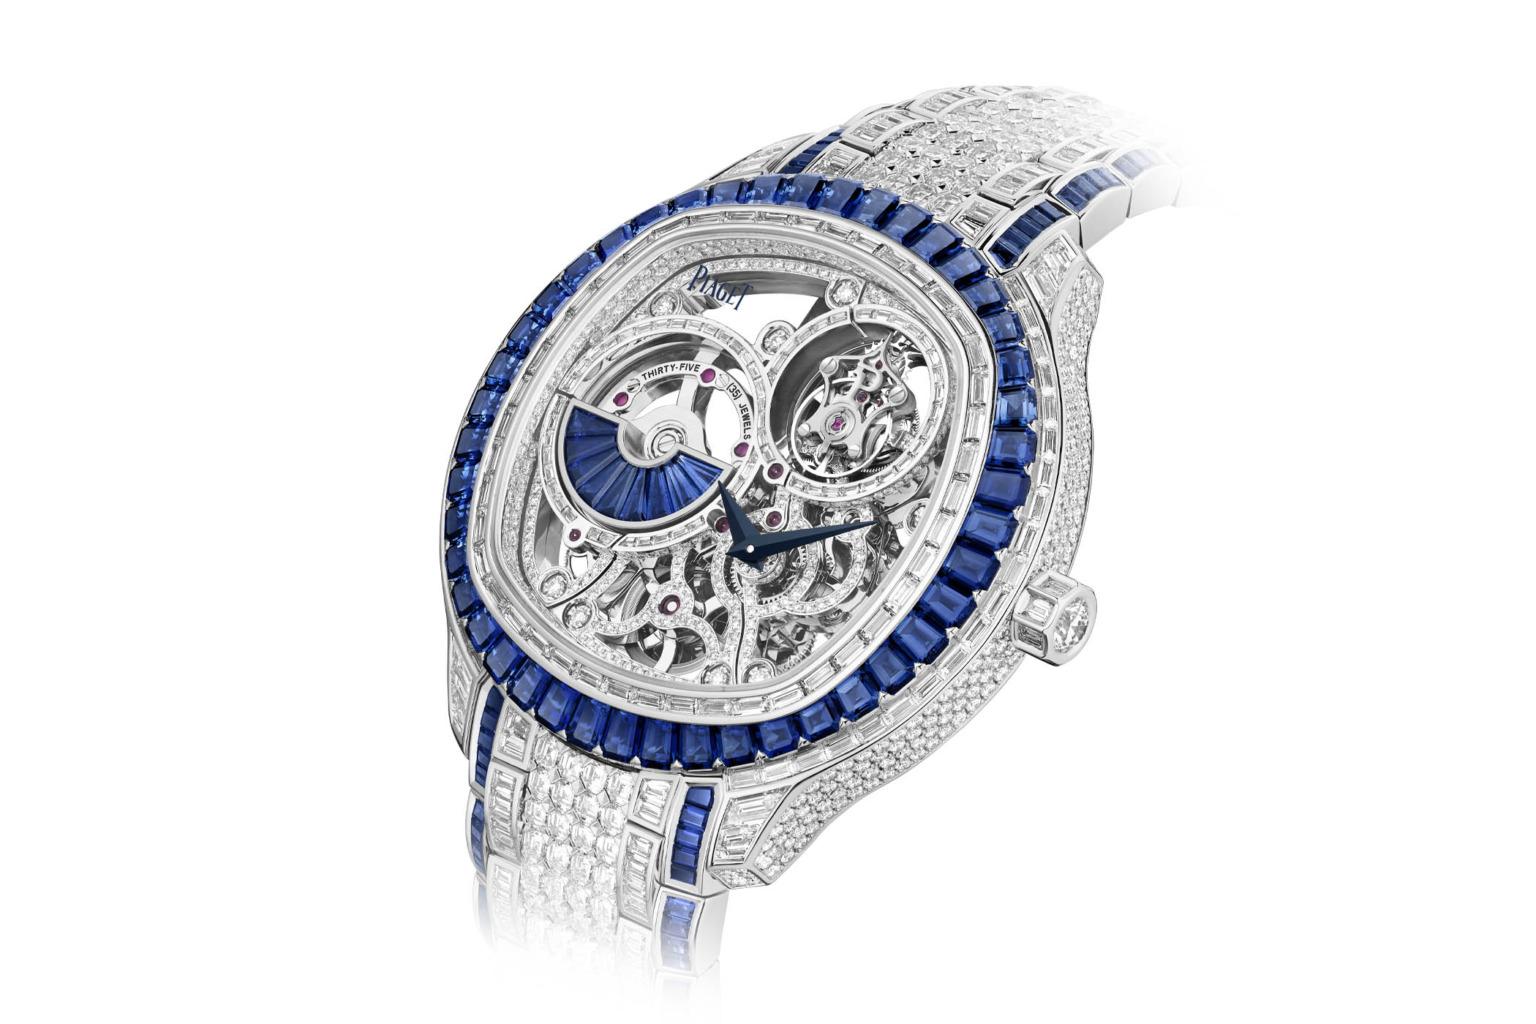 Piaget ra mắt 5 tuyệt phẩm đồng hồ trang sức Tourbillon Polo tuyệt đẹp